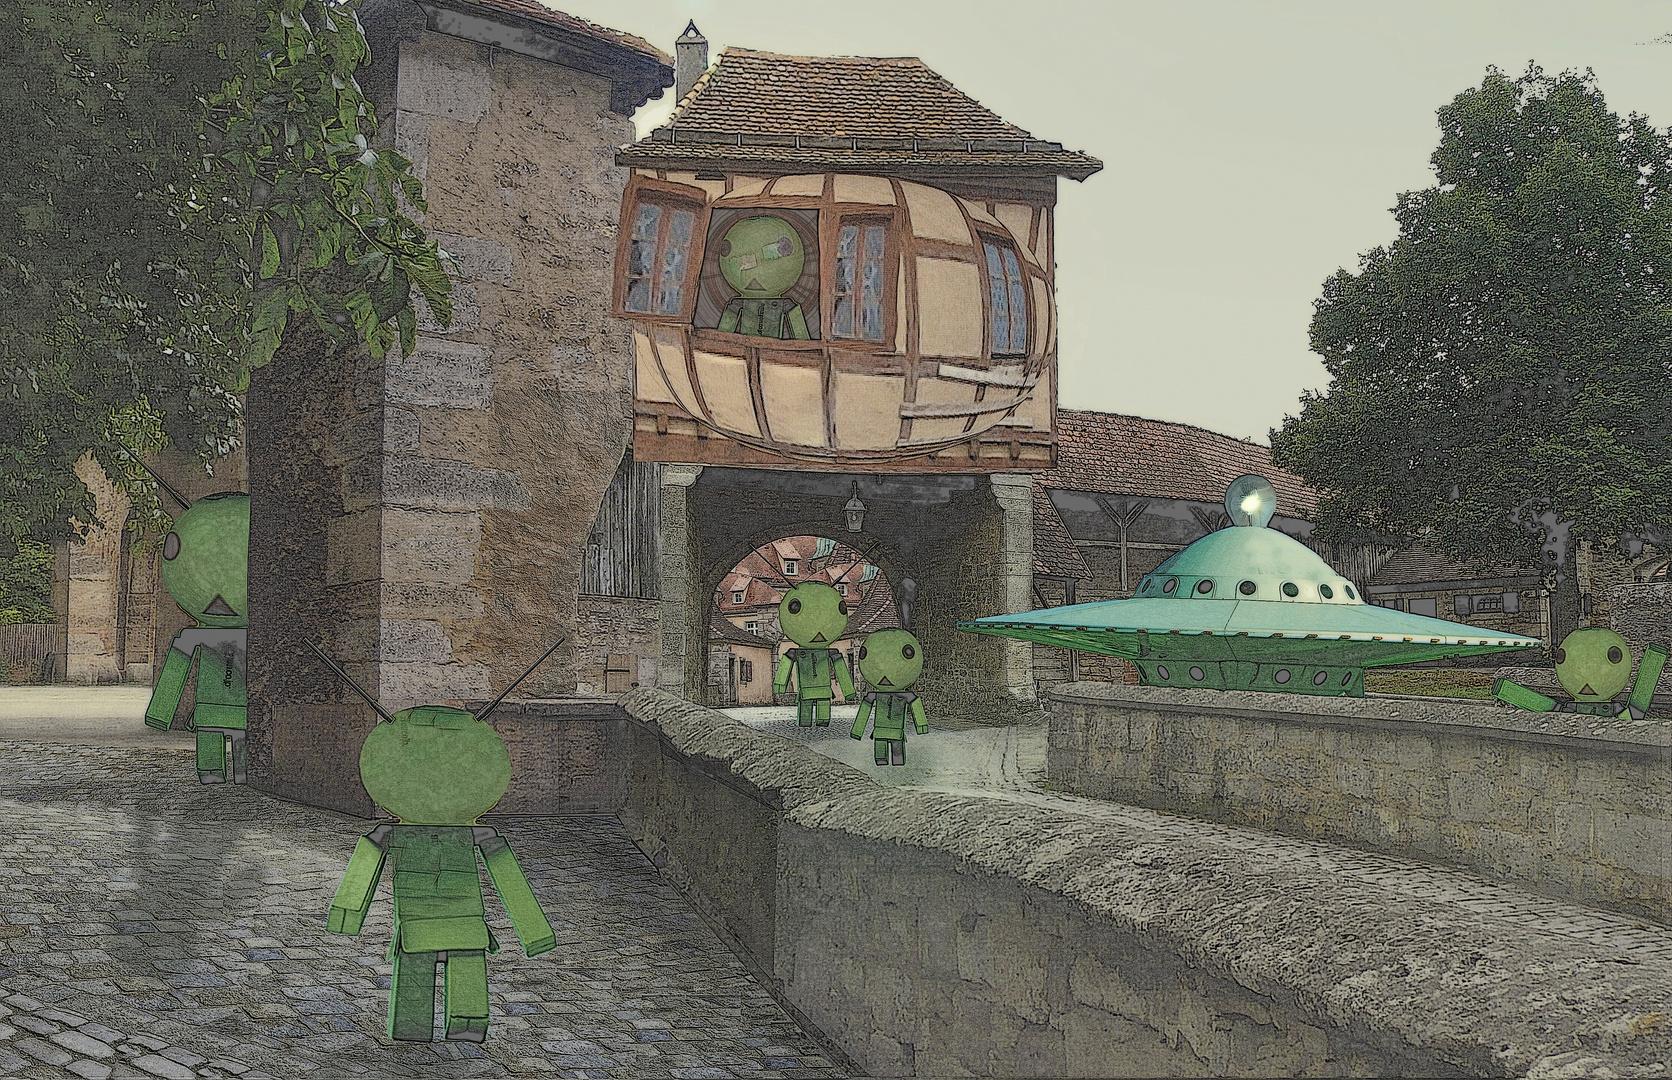 Rothenburg ist bei Touristen sehr beliebt